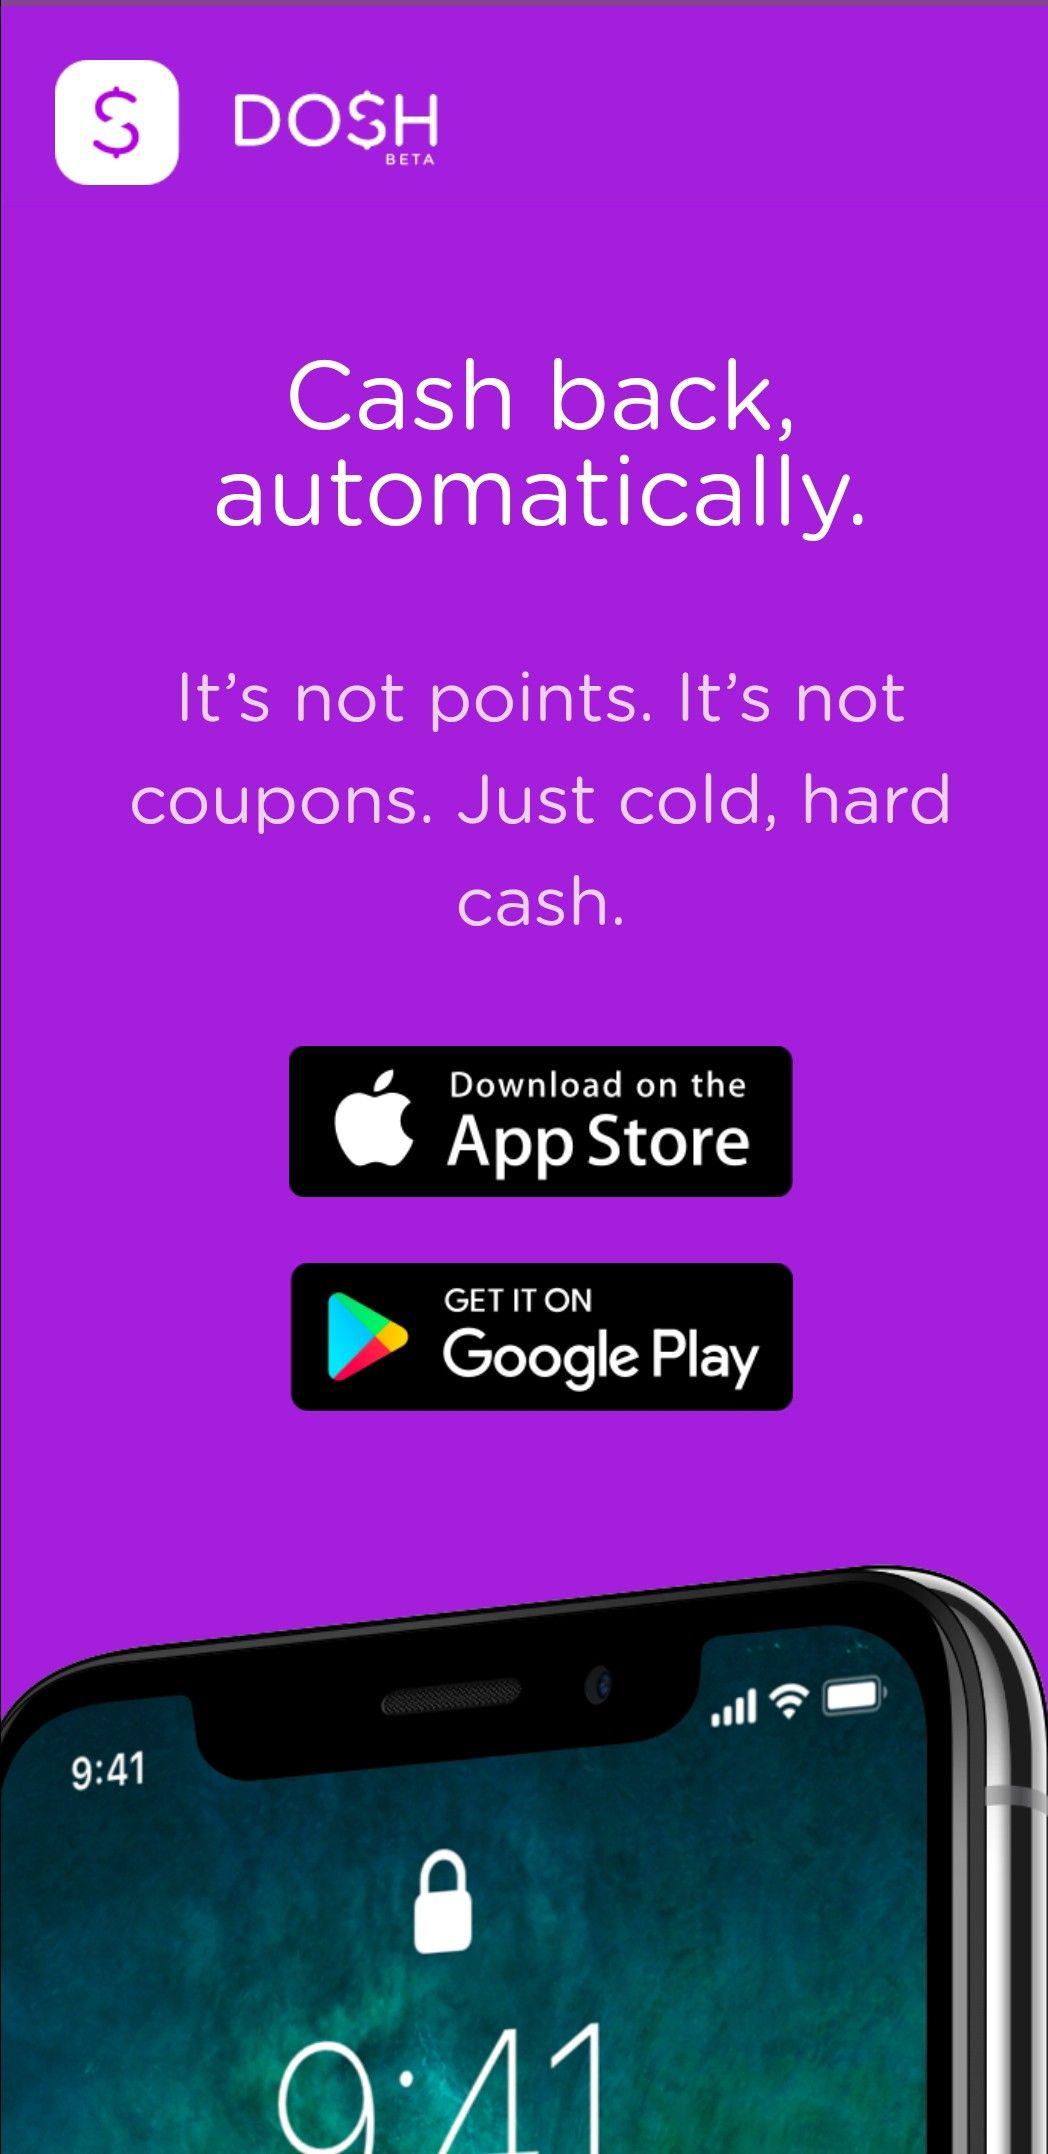 Cash back cash online purchase backs